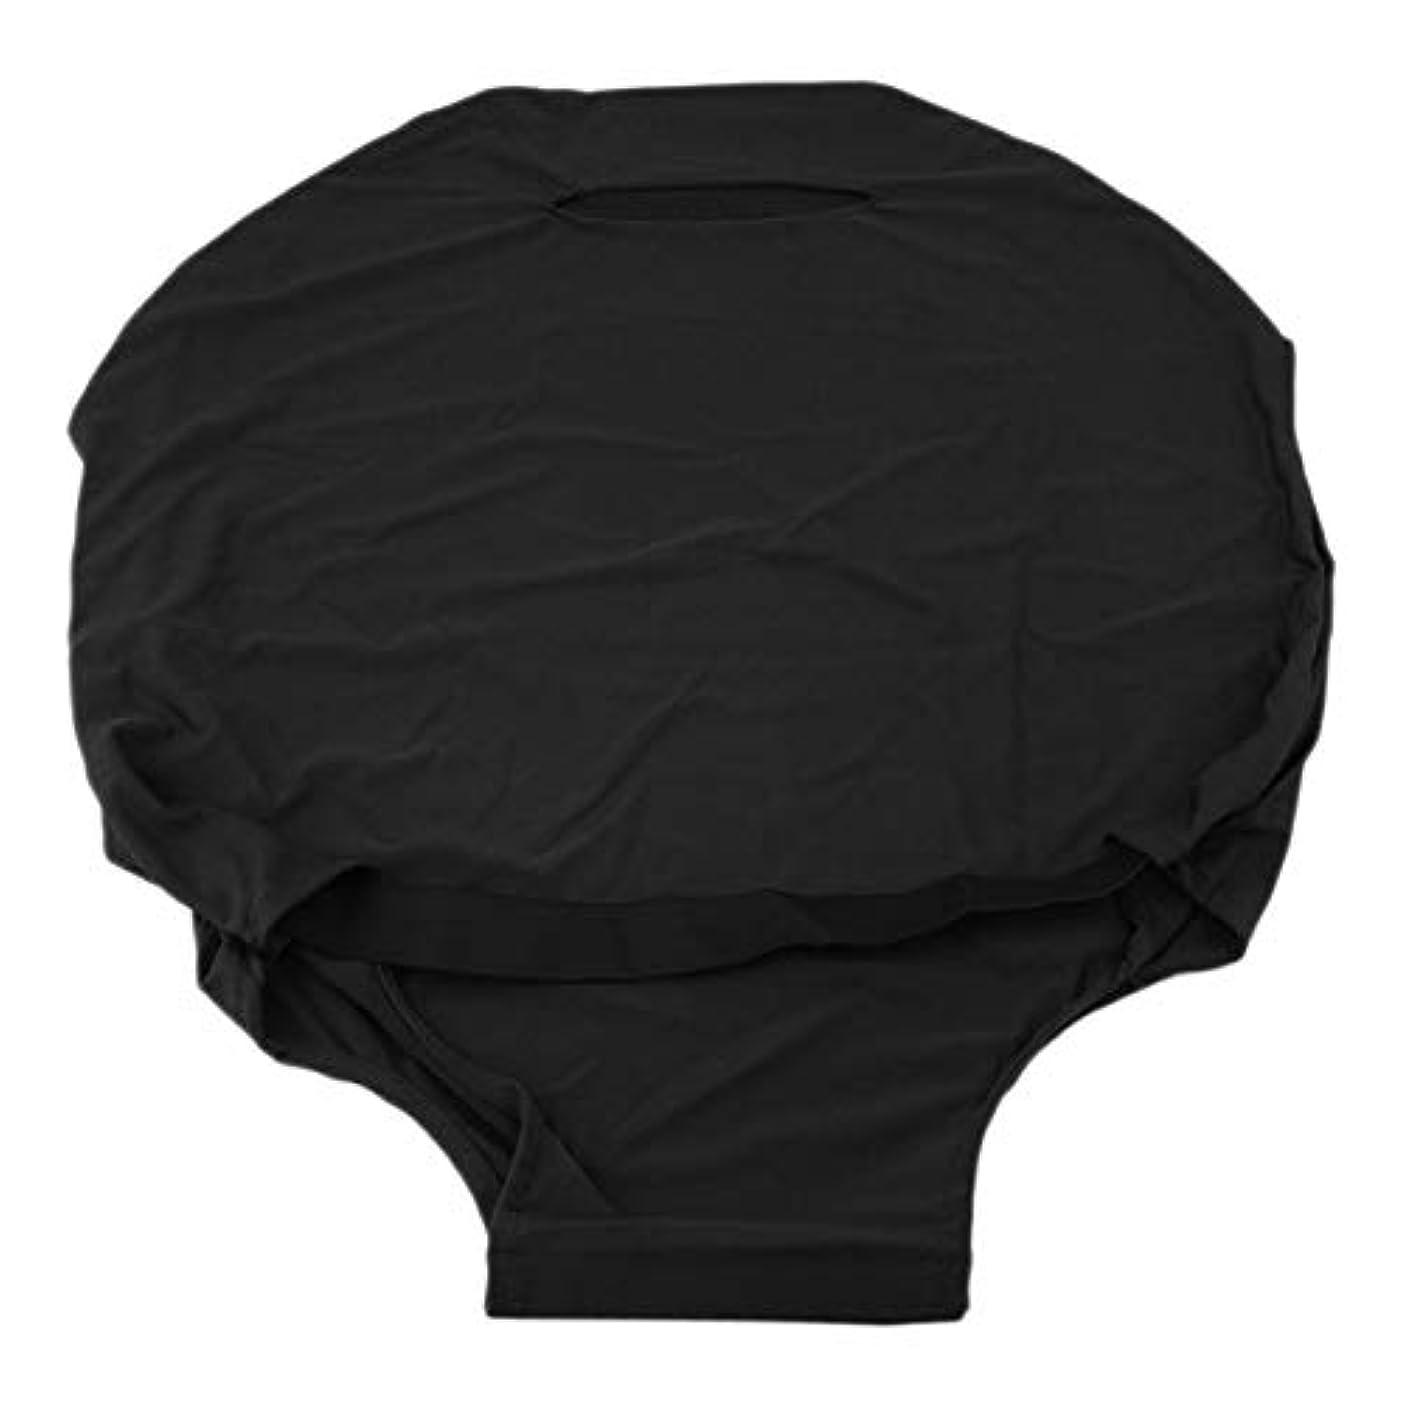 メーター月ゴールドSaikogoods 24/28インチスーツケース荷物のために屋外旅行高弾性ソリッドカラー防塵荷物スーツケース保護カバー 黒